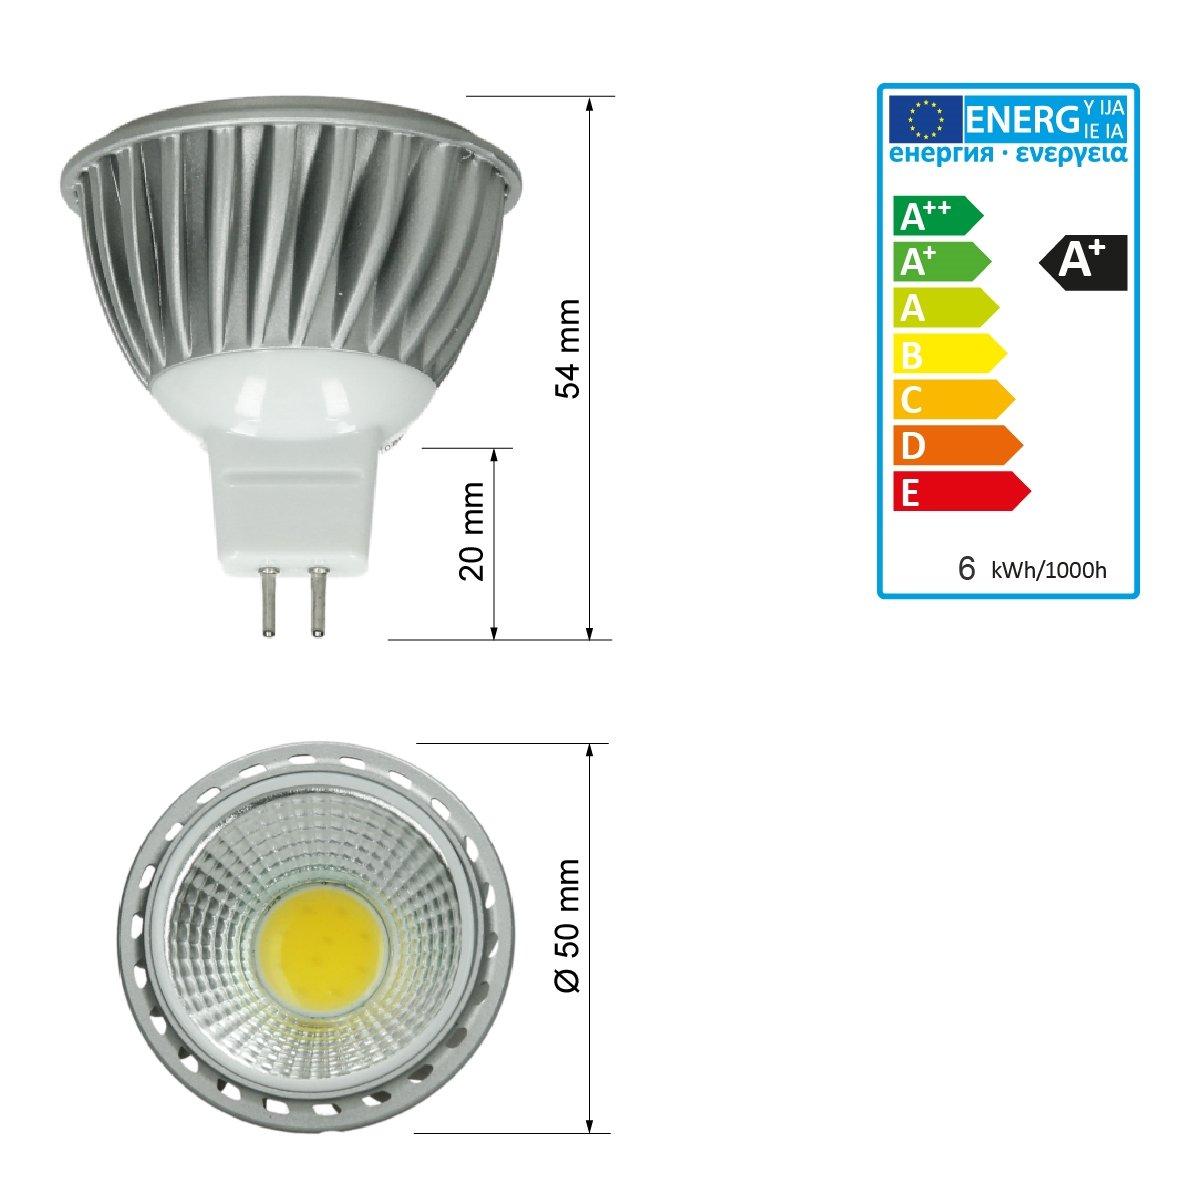 ECD Germany 4 x MR16 COB spot 6W Lampe /à /économie d/énergie haute puissance denviron 378 lumens remplace 45W Lampe halog/ène angle de 60 degr/és Blanc froid 6000K